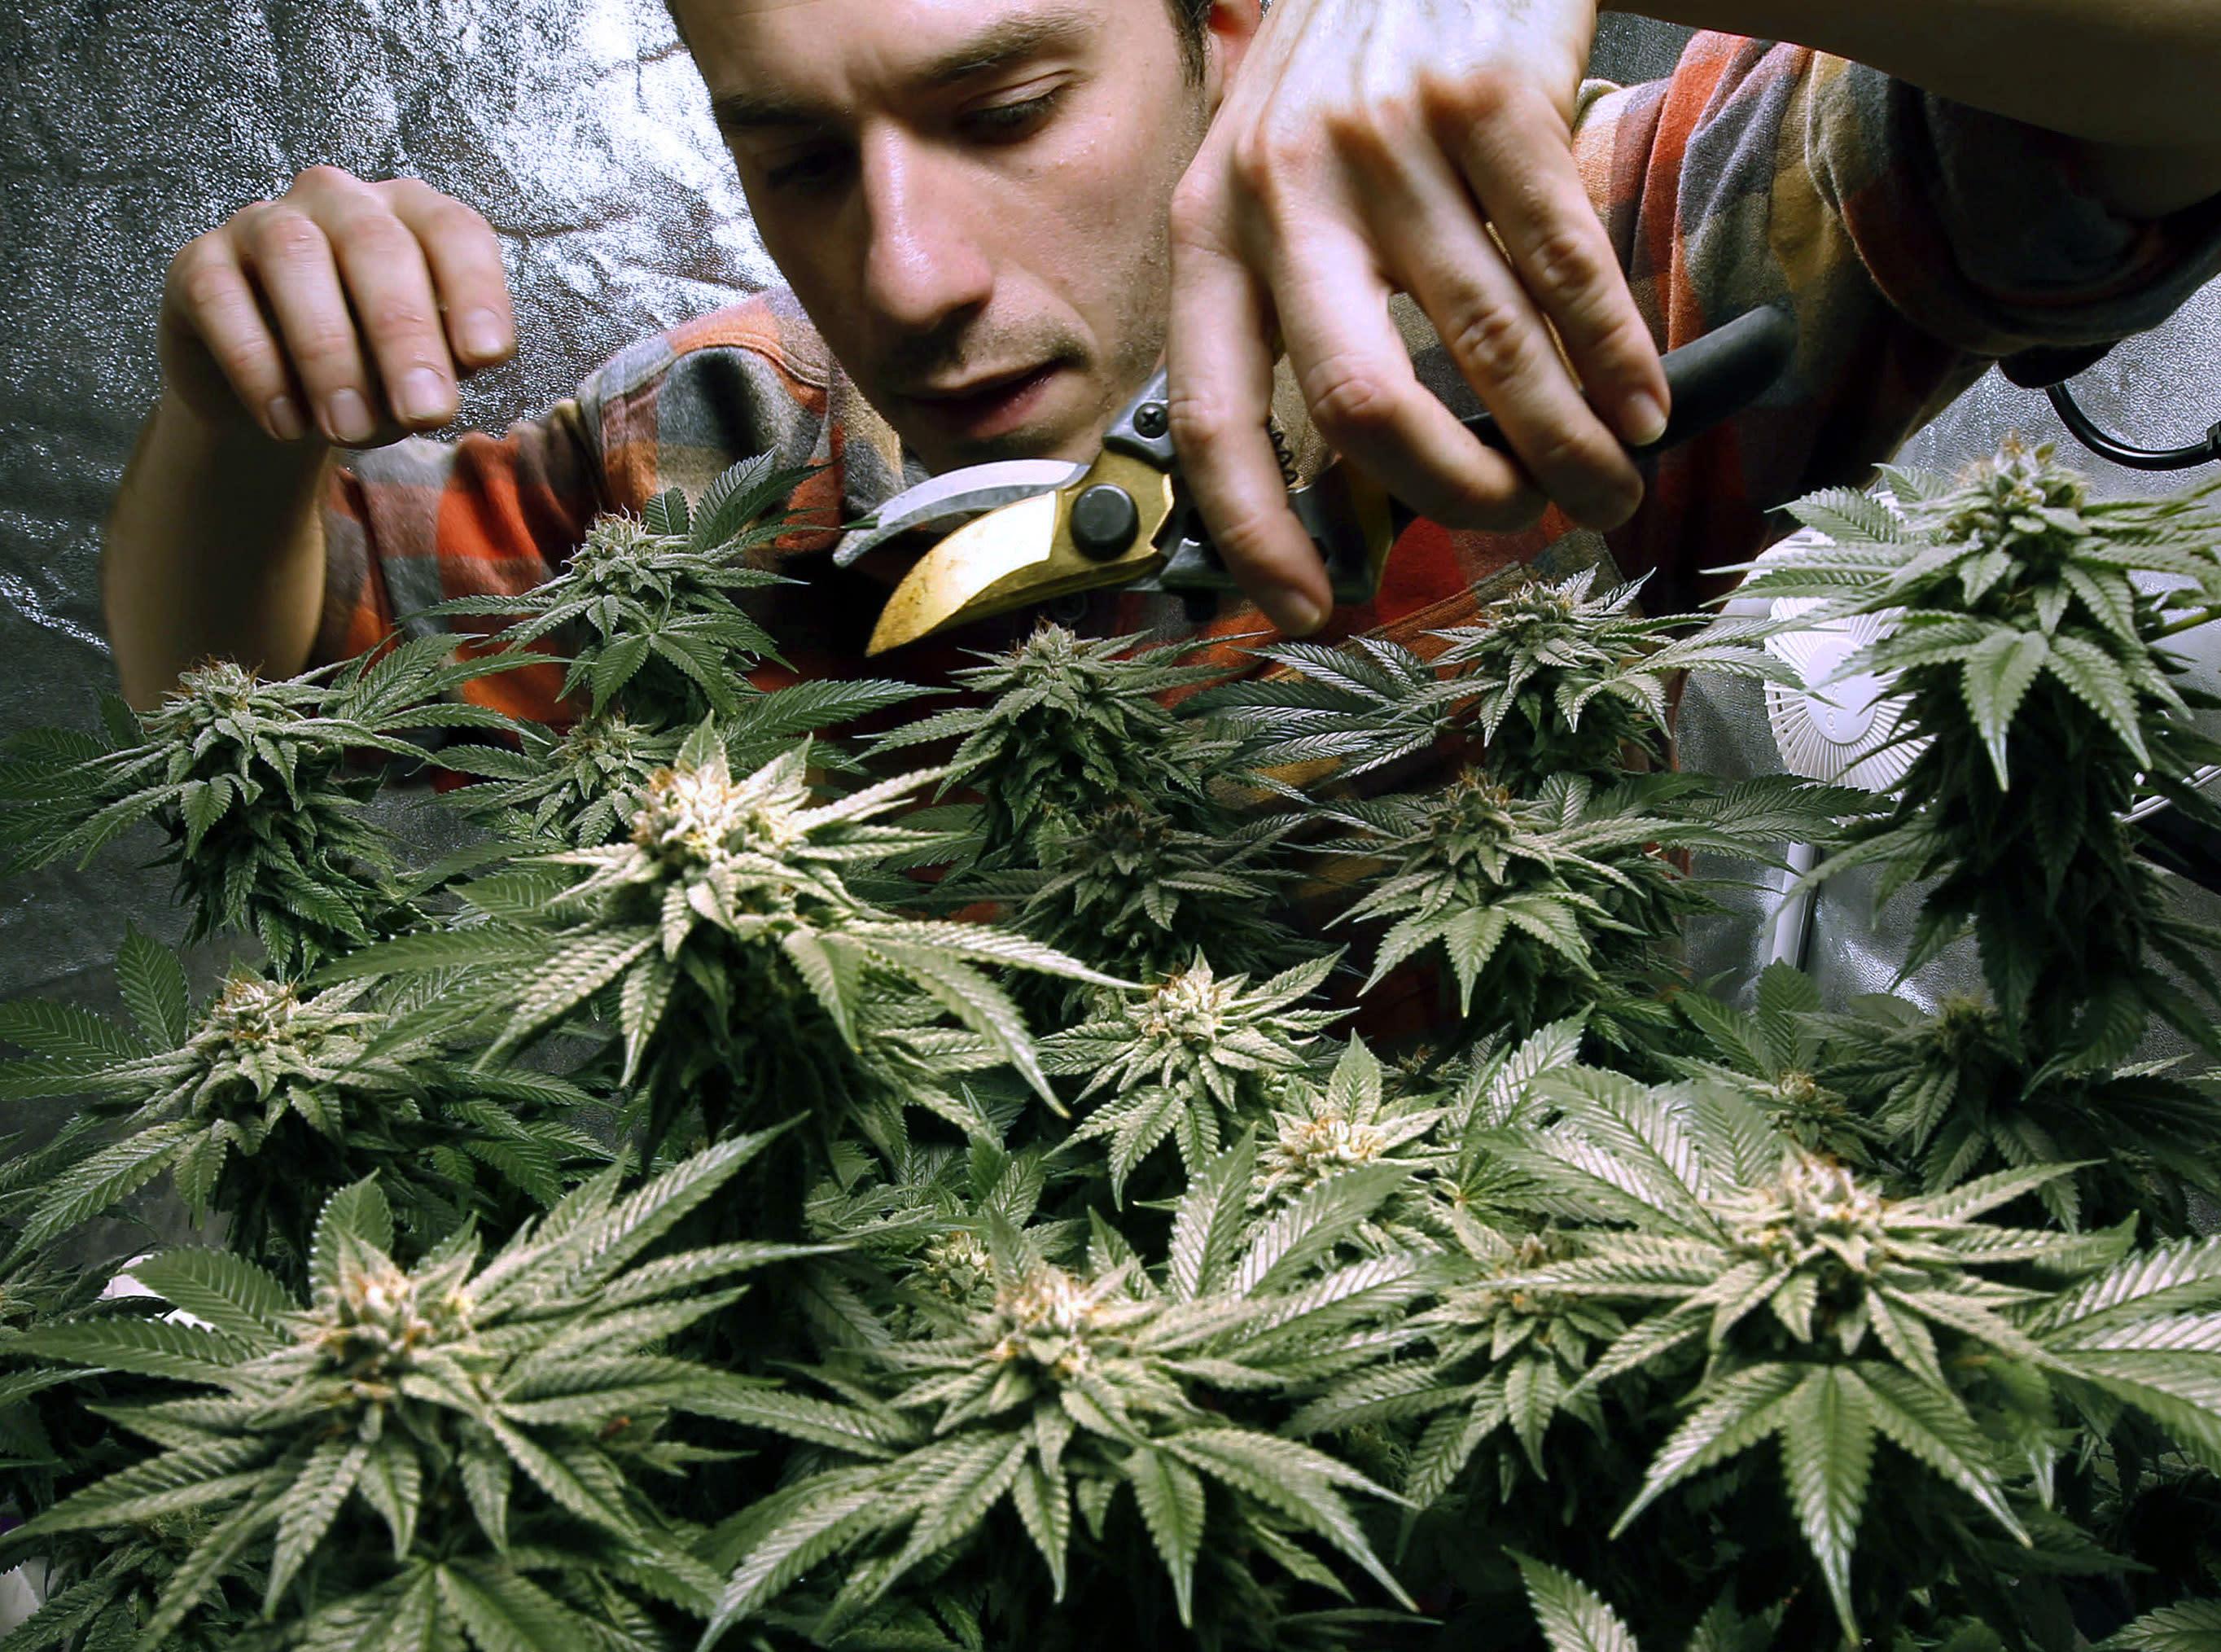 Онлайн видео марихуана закон об употребление марихуаны